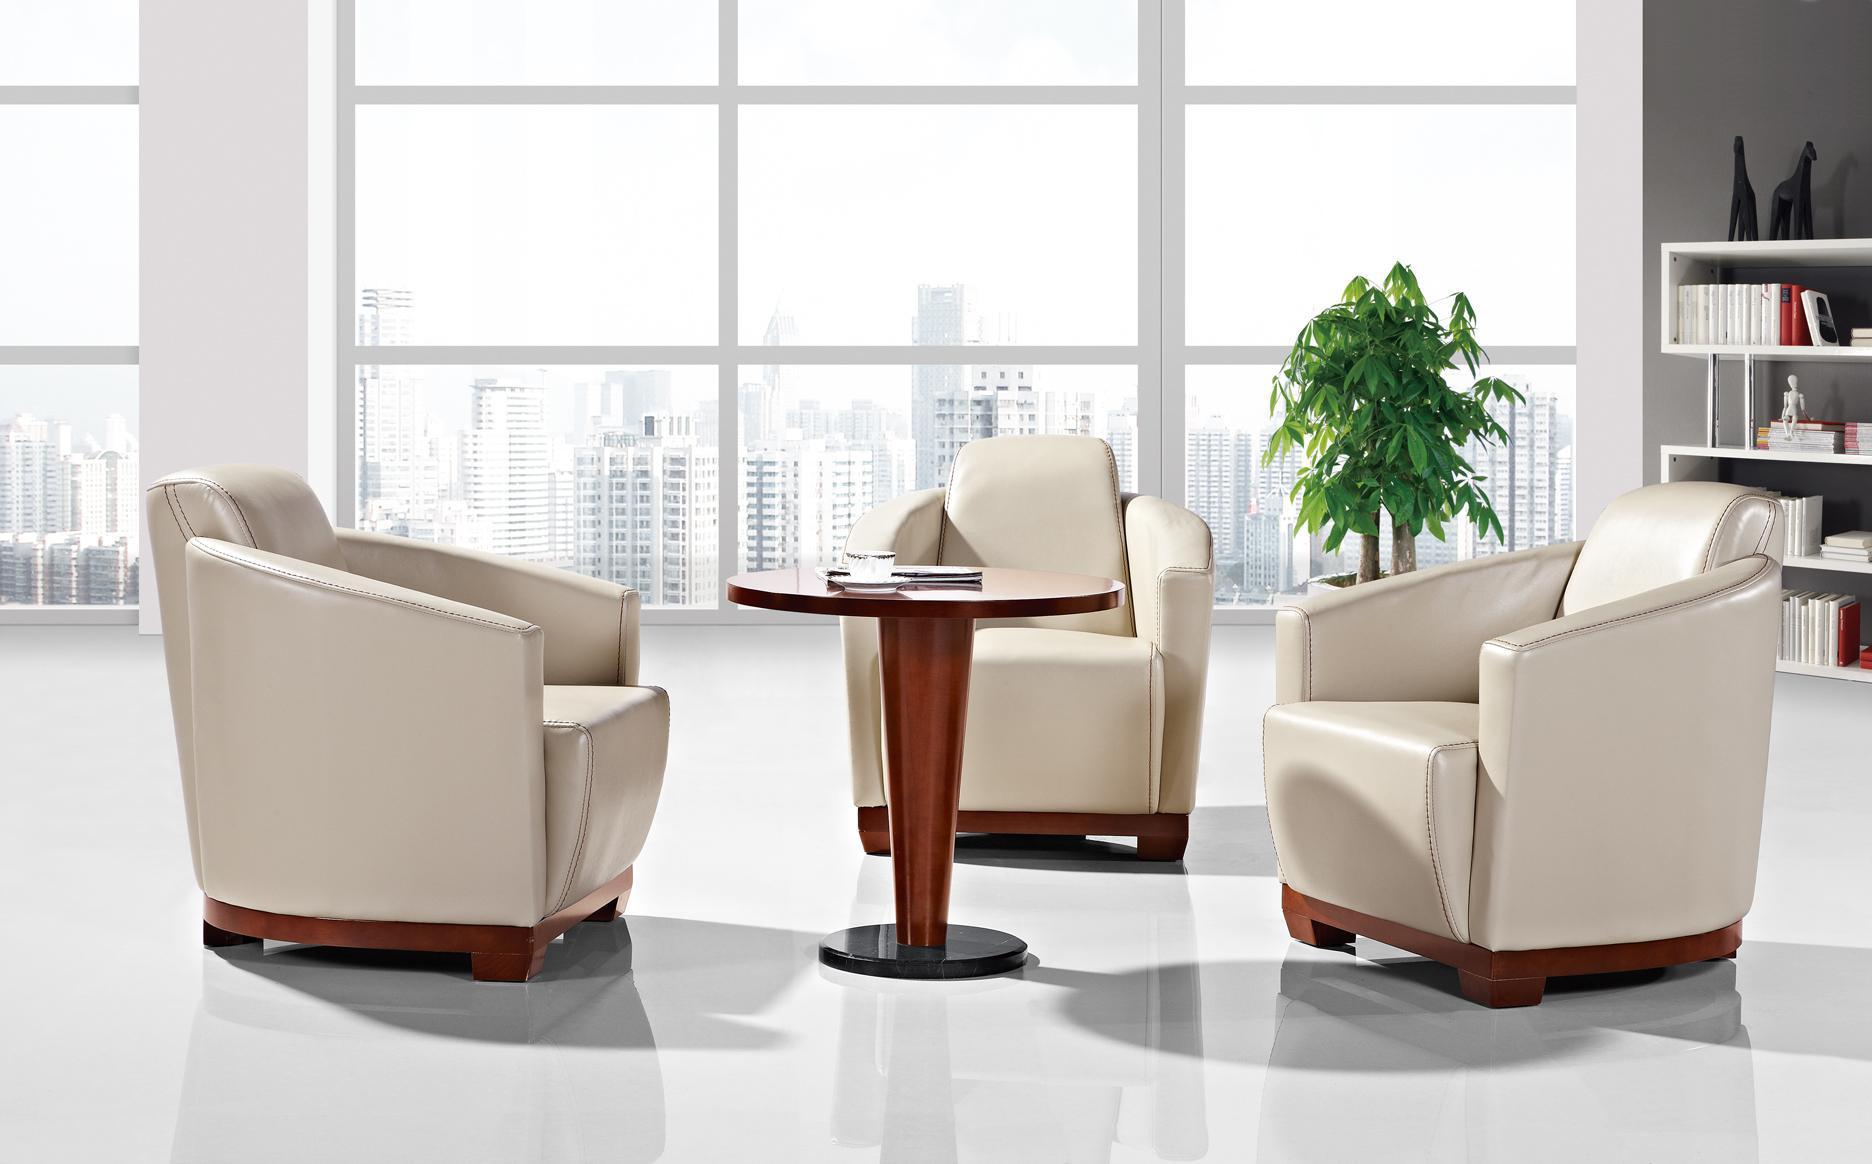 S999款家具武汉办公家具/山东办公沙发/实木三星湖北家具厂图片